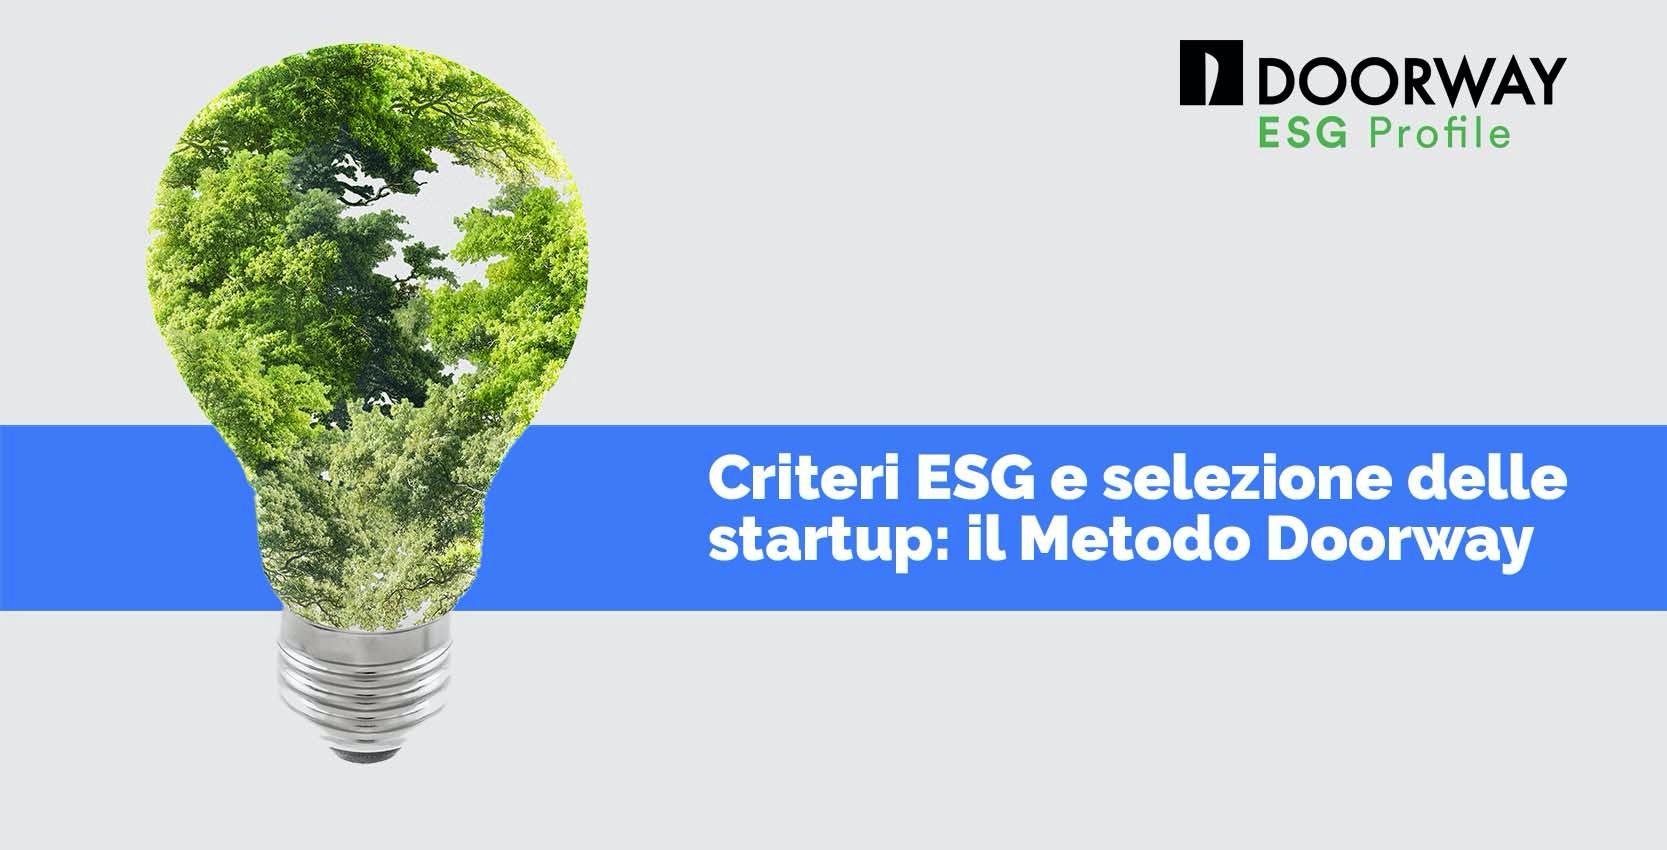 Criteri ESG e selezione delle startup: il metodo Doorway